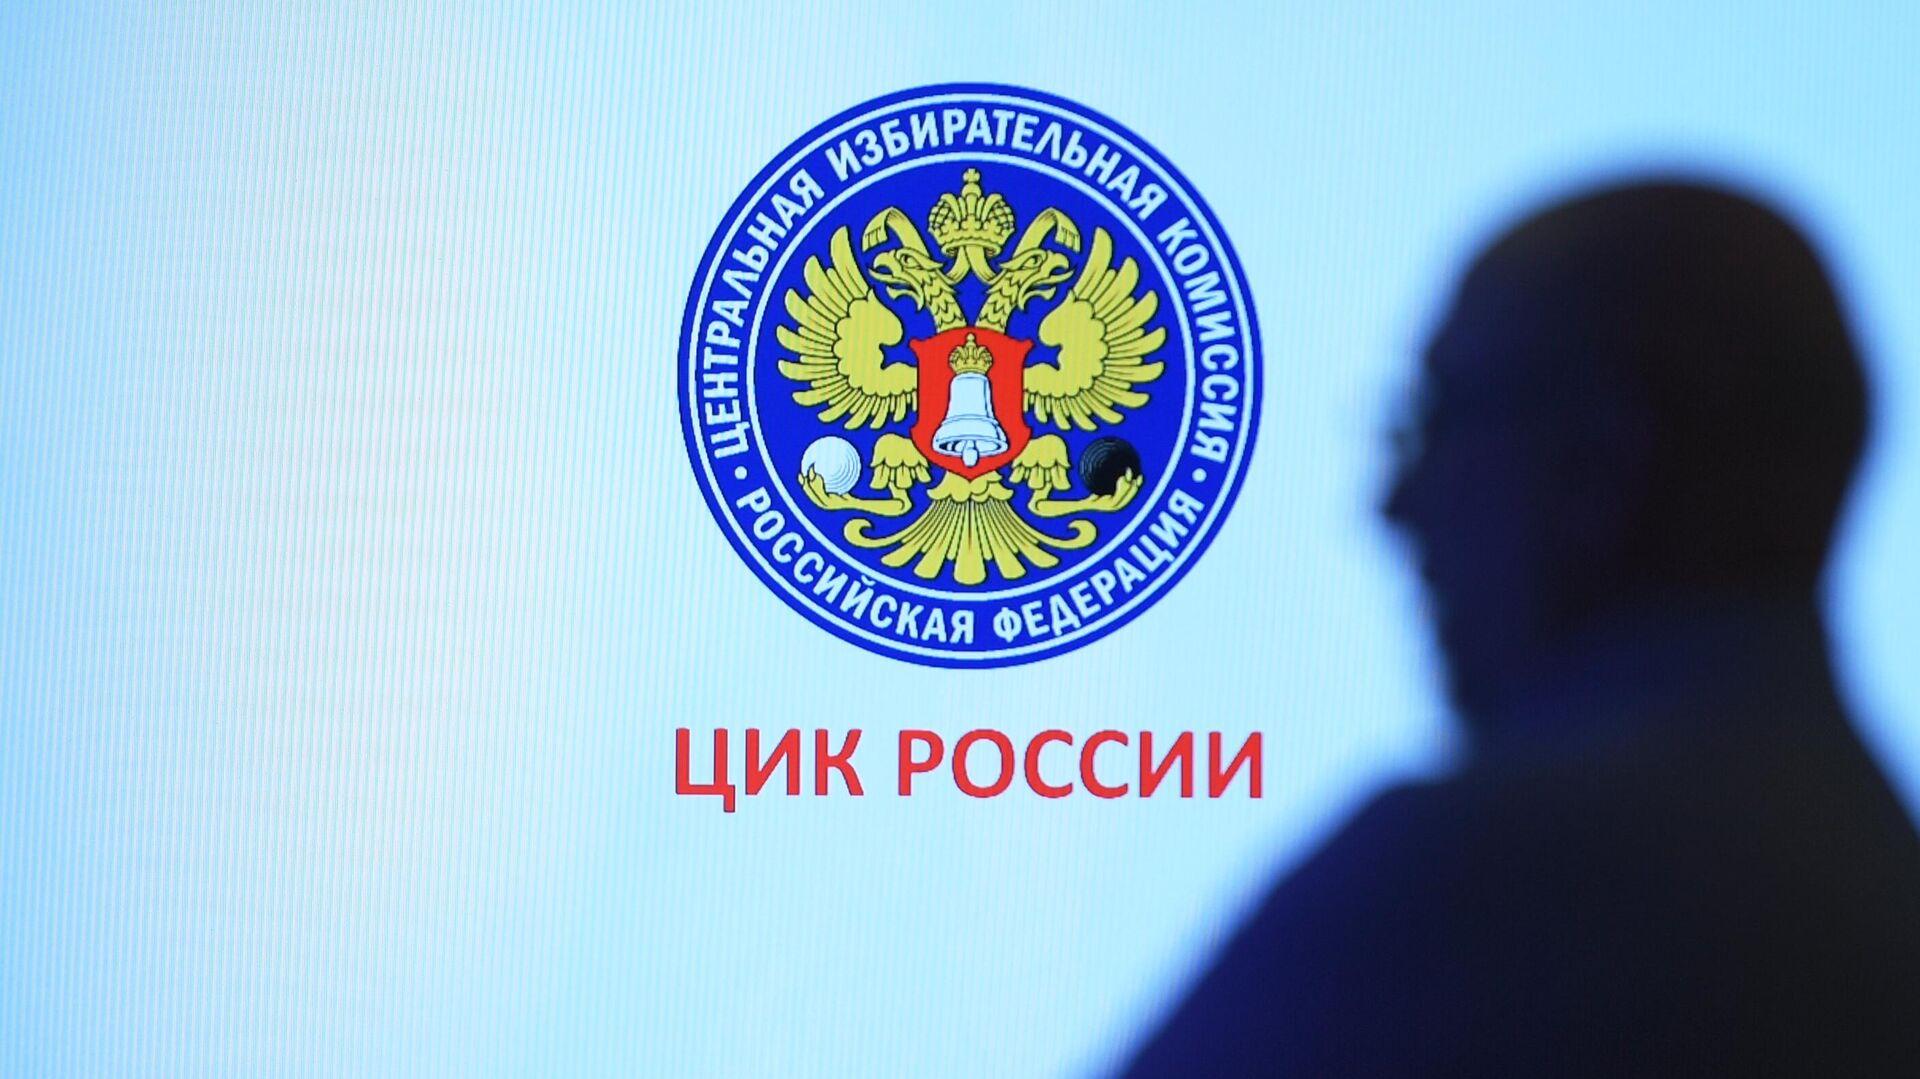 Герб Центральной избирательной комиссии РФ - РИА Новости, 1920, 05.08.2021